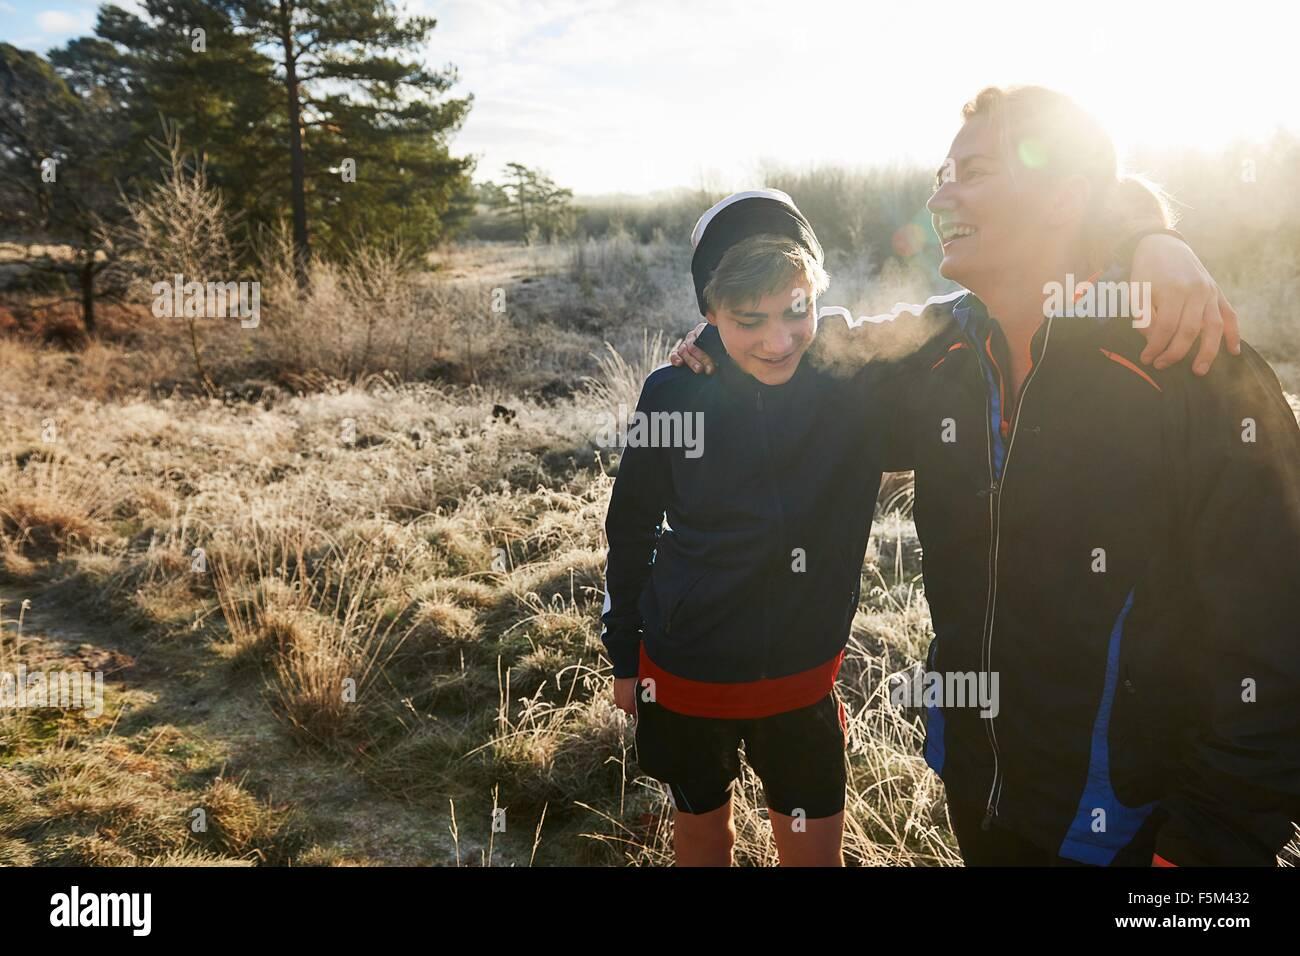 La mère et le fils sur les herbages portant des vêtements de sport autour de l'autre bras smiling Photo Stock